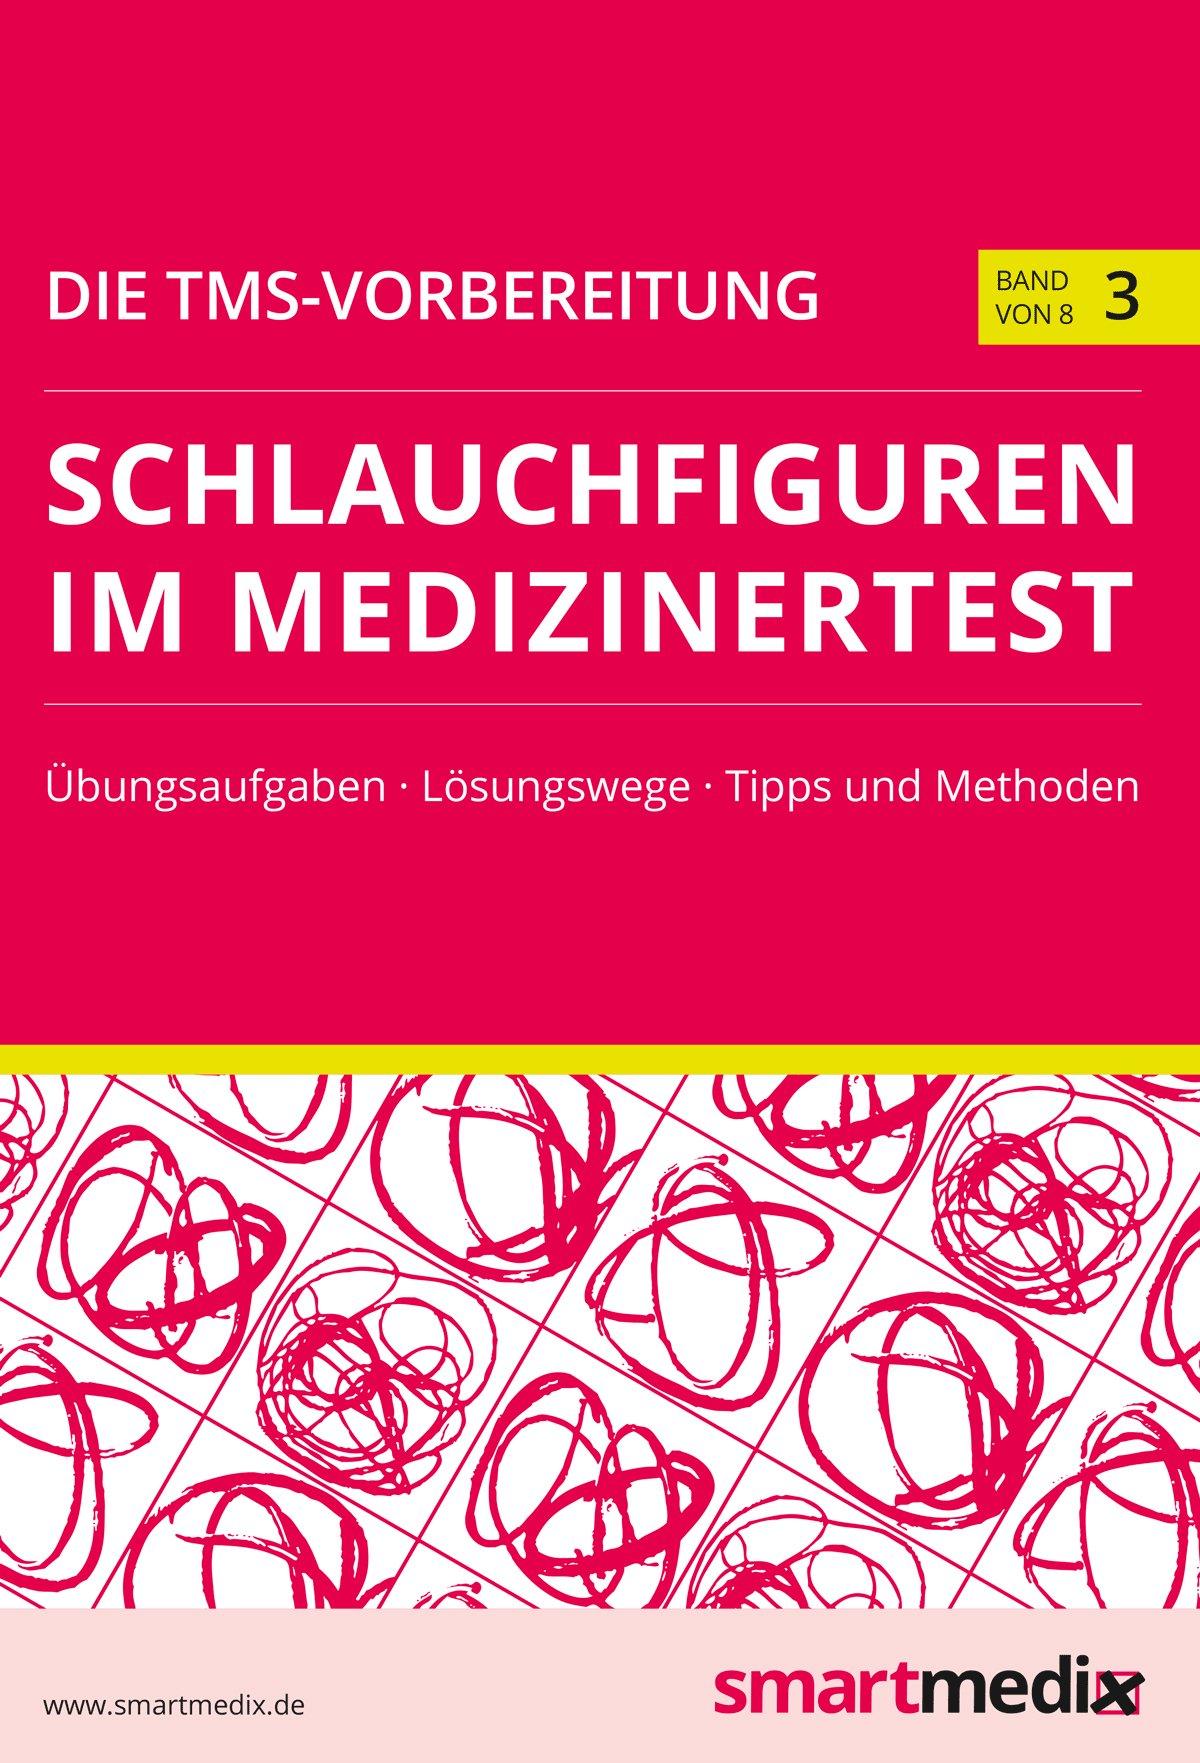 Die TMS-Vorbereitung Band 3: Schlauchfiguren im Medizinertest